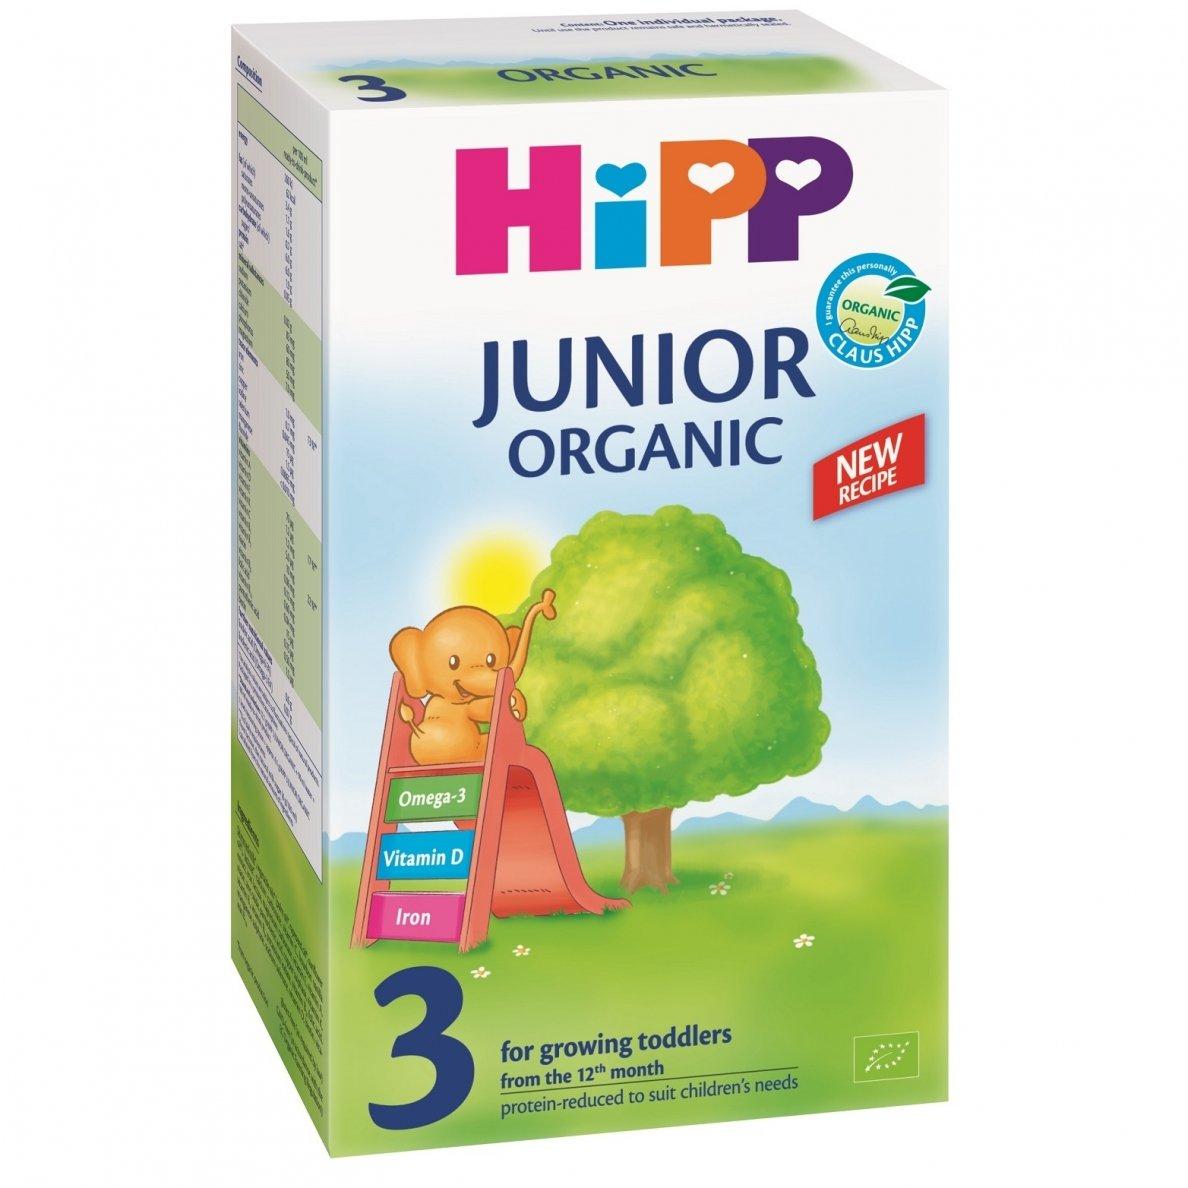 Ekologiškas tolesnio maitinimo pieno mišinys HIPP 3 JUNIOR ORGANIC (nuo 12mėn.), 500 g